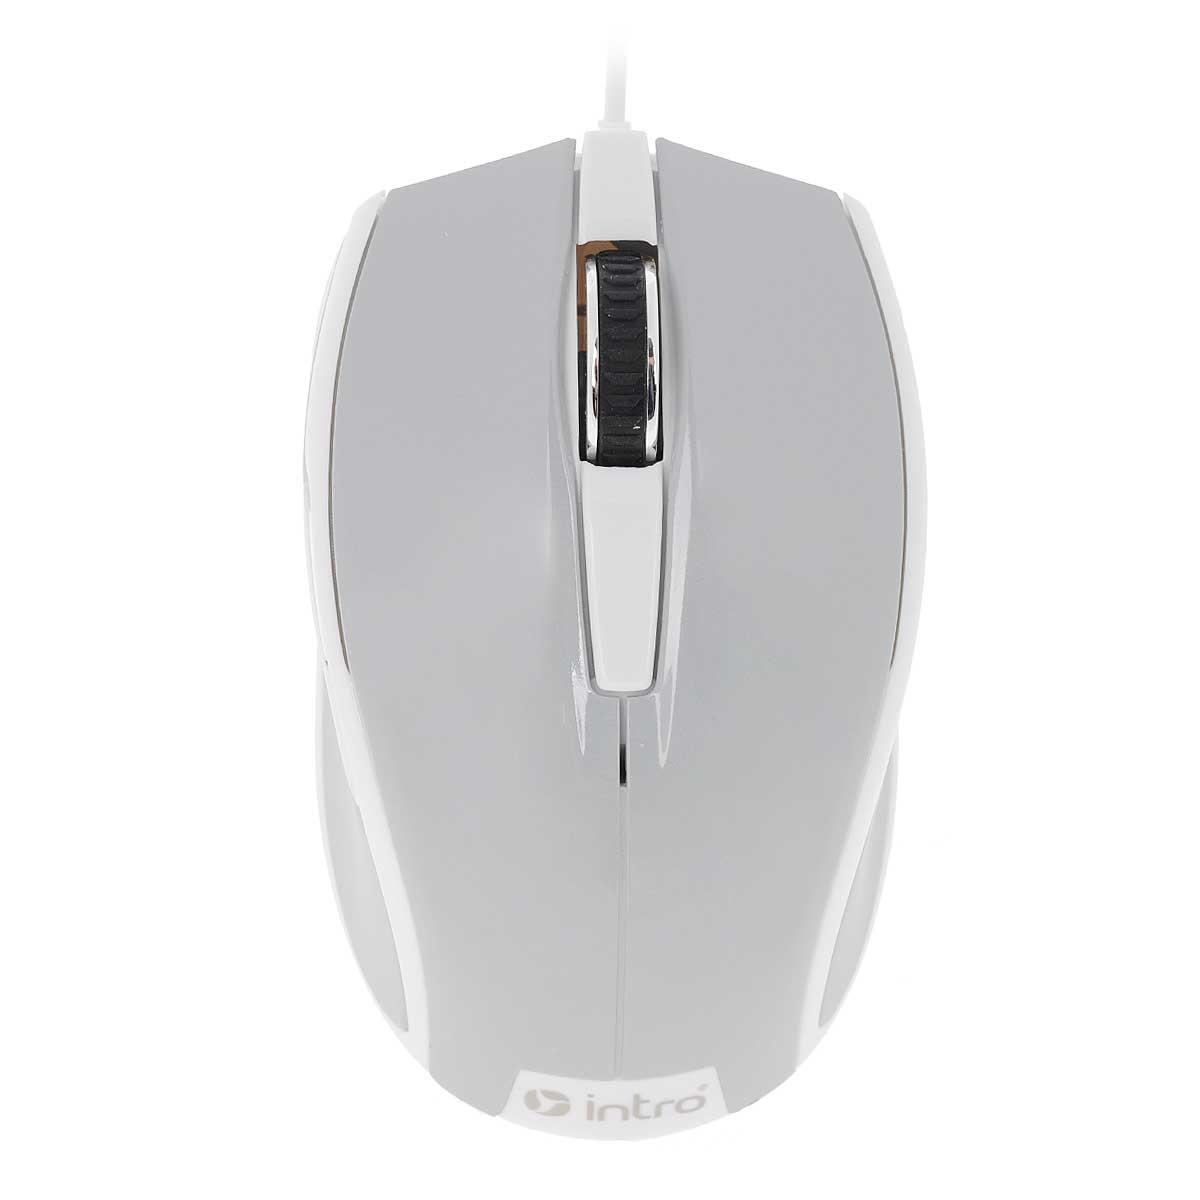 Мышь Intro MU104, Gray